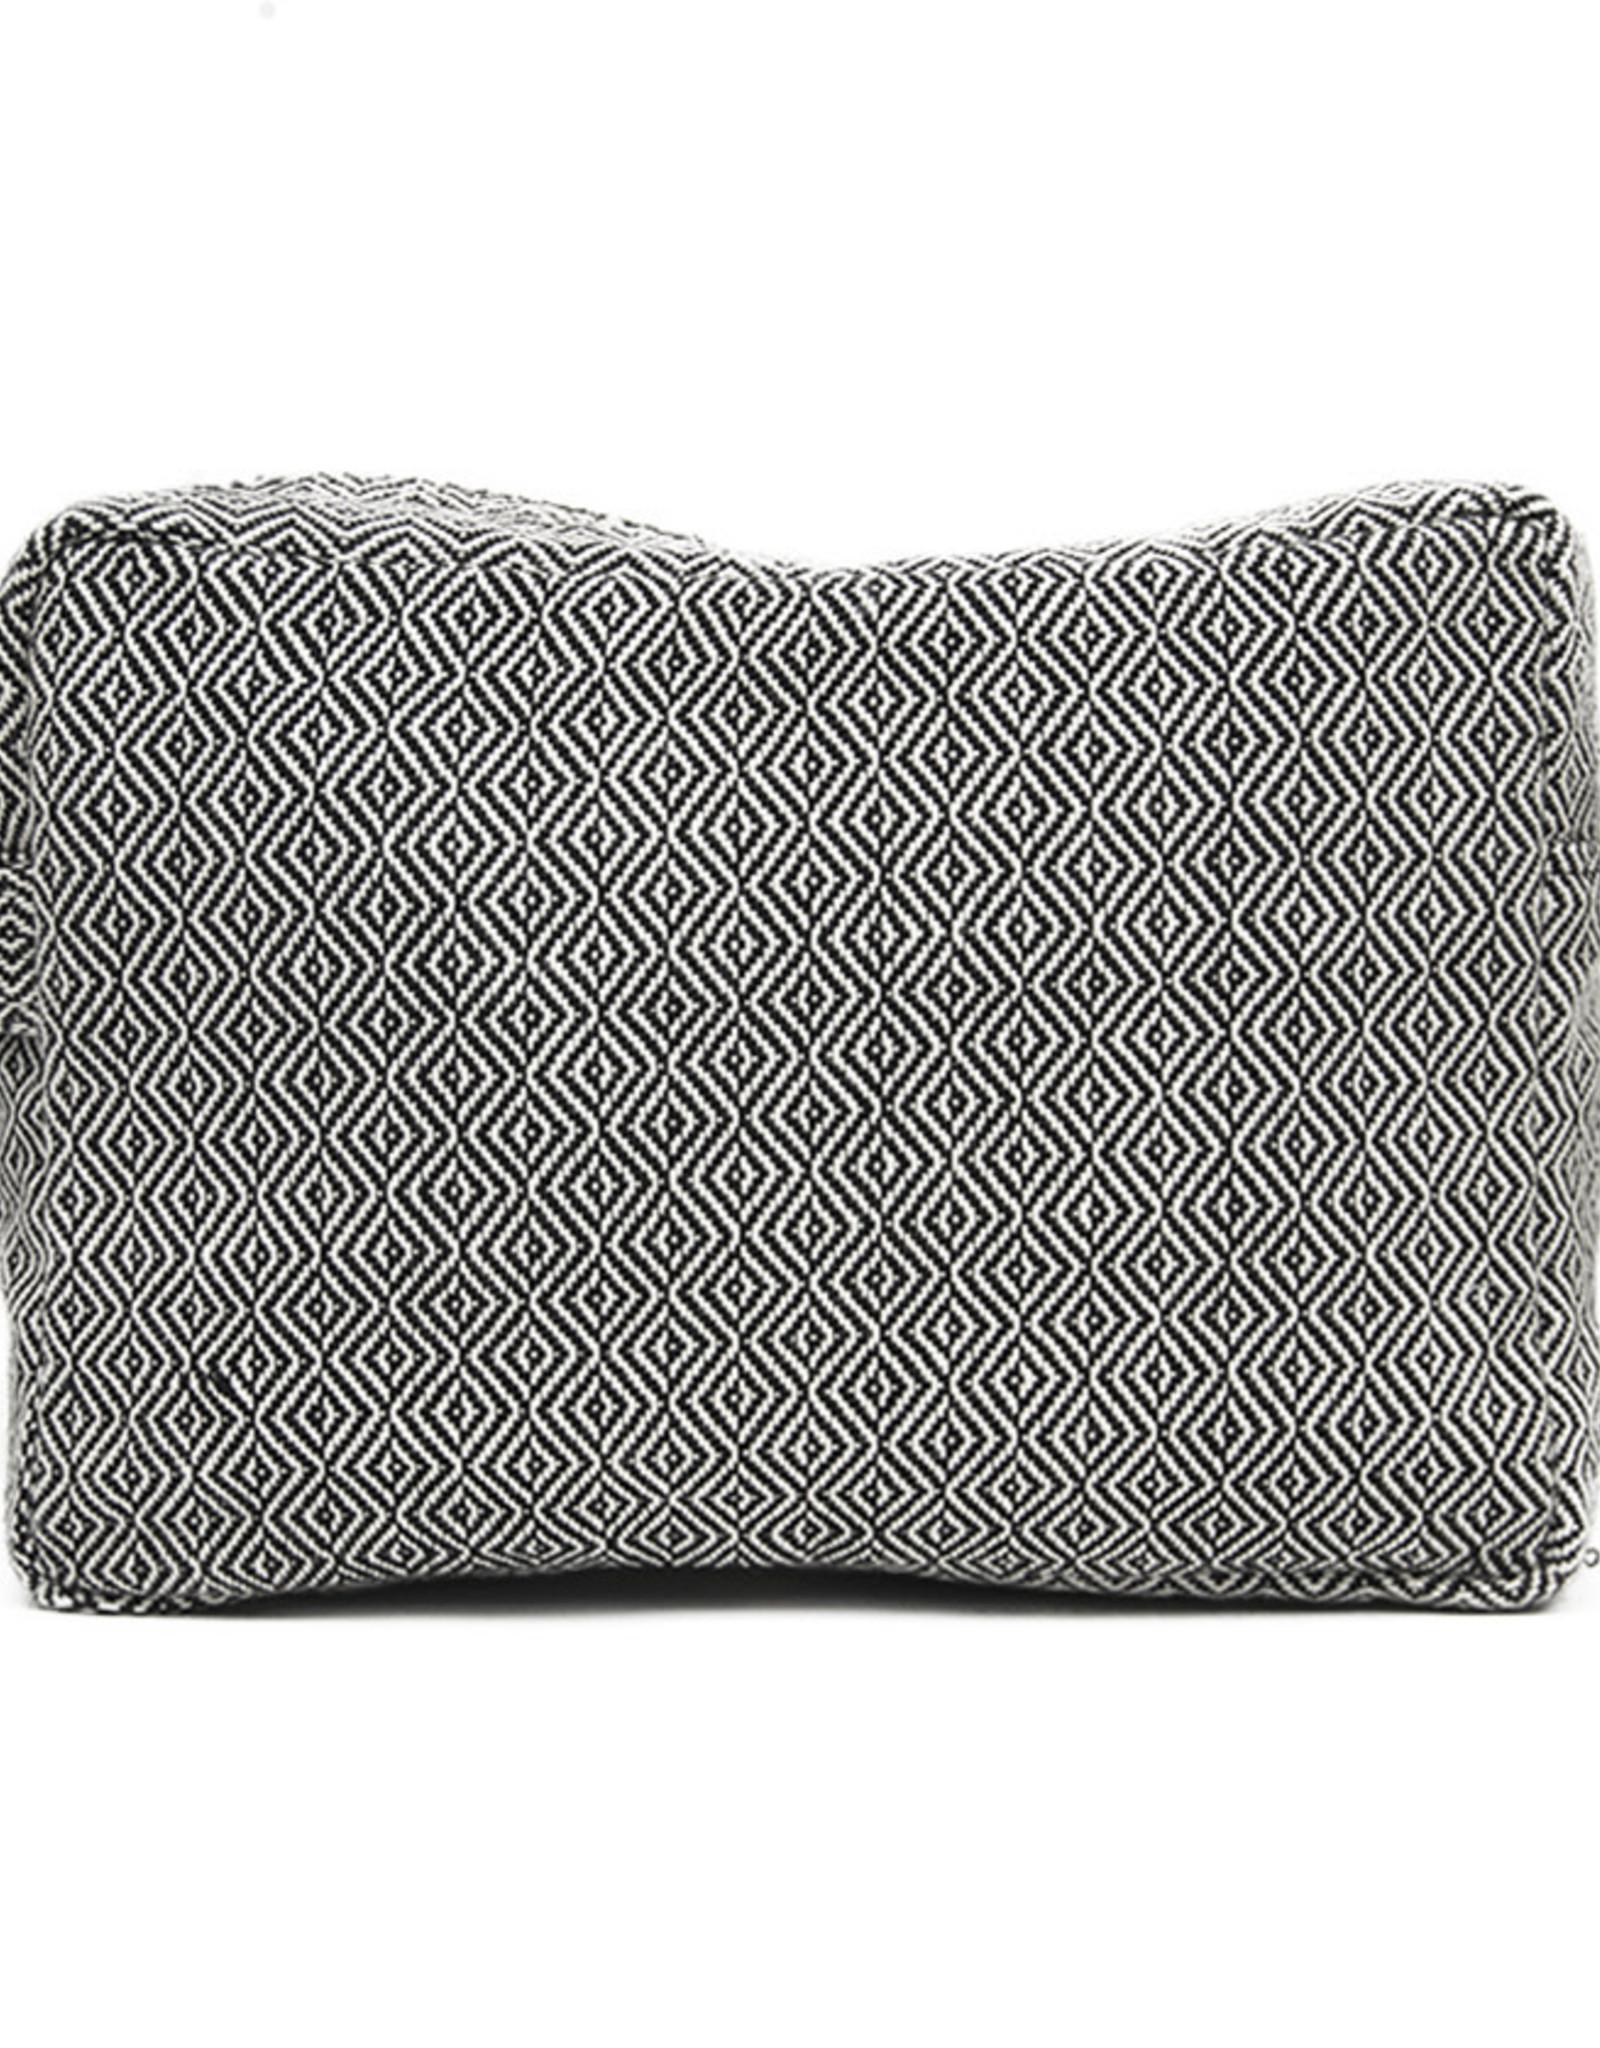 Anna Nera Toilettas Facet L 26x17cm-black&white